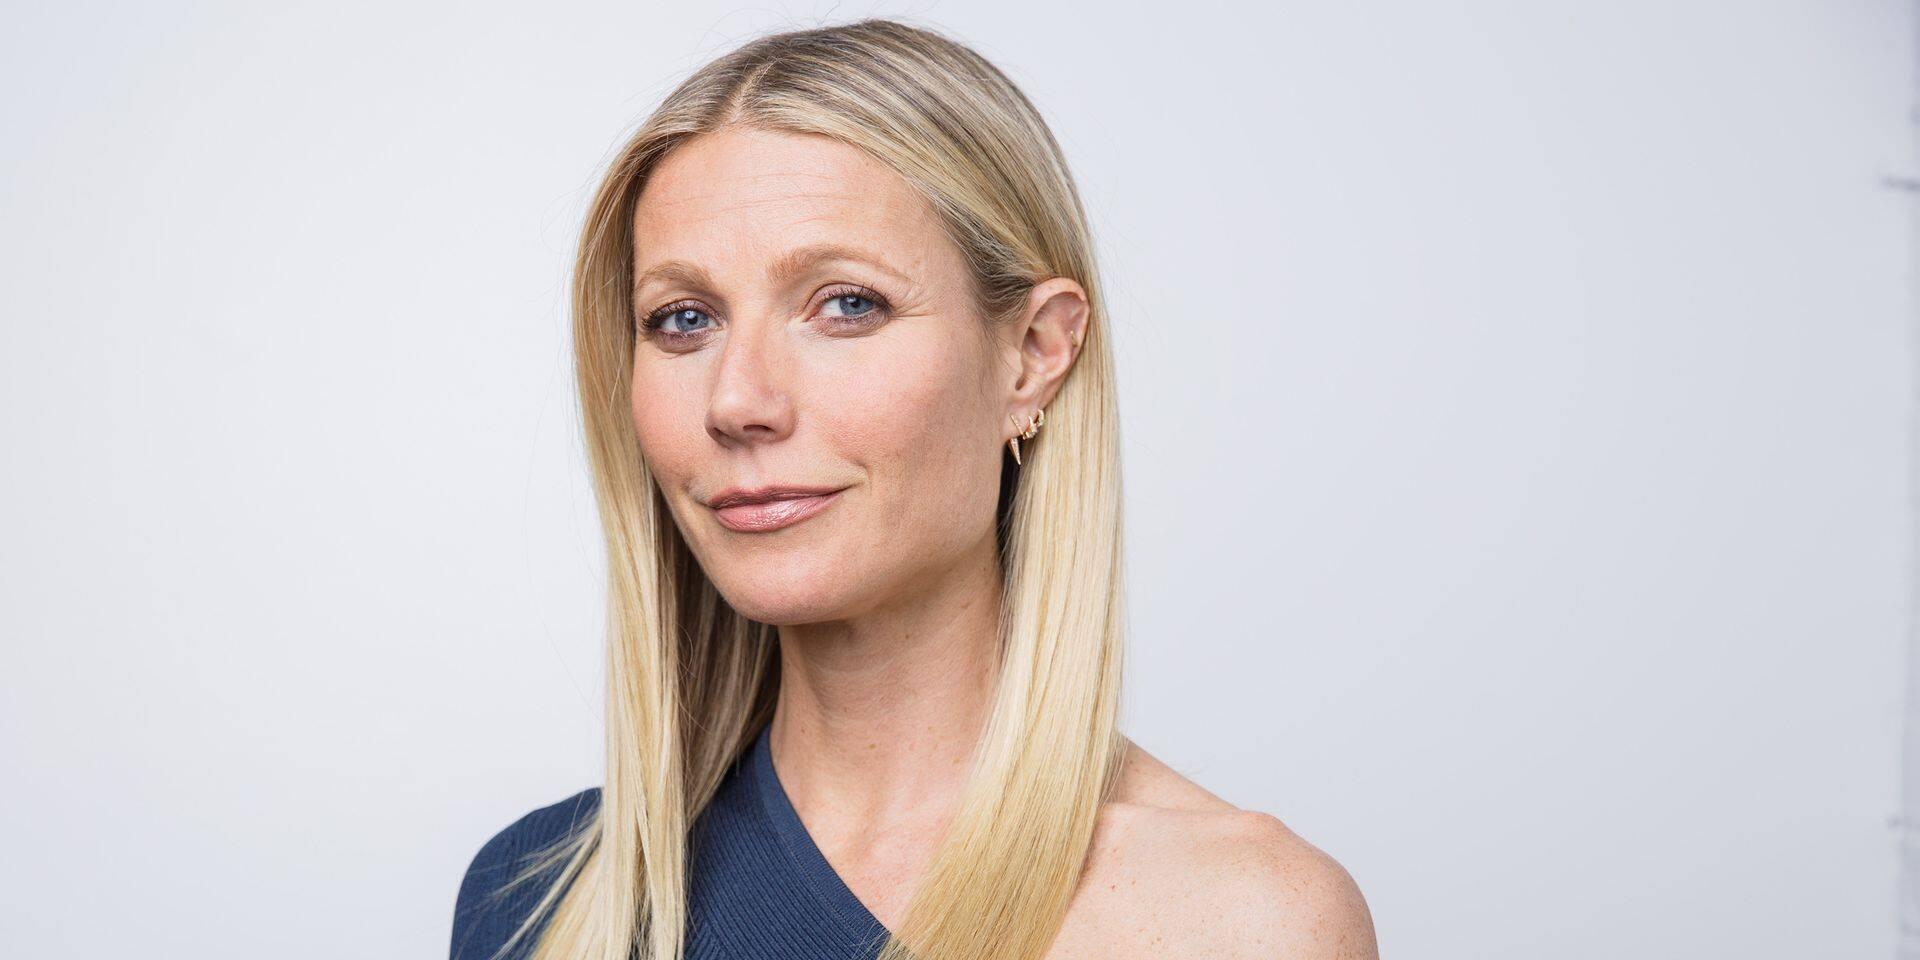 Gwyneth Paltrow s'approprie le retour en force du yoga et la toile n'arrive pas à garder son calme